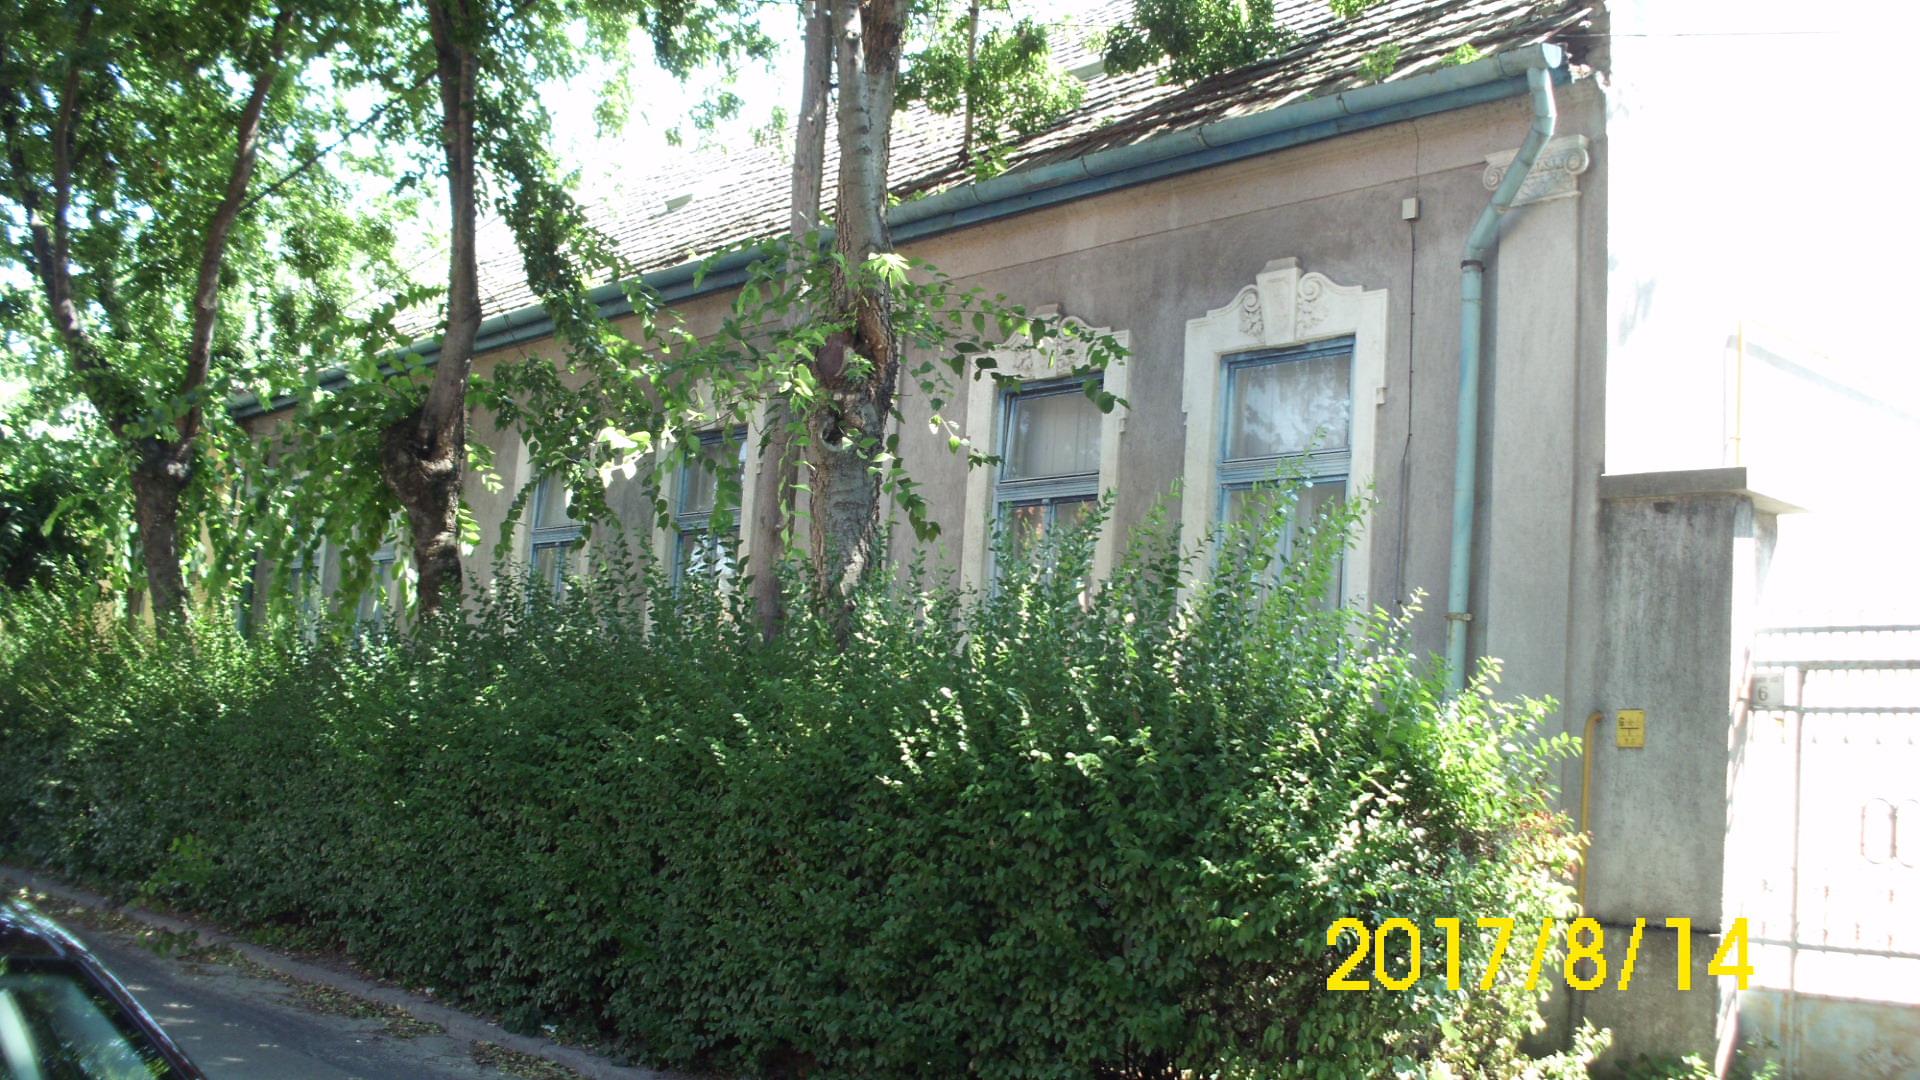 Alkotmány utca elején 4 szobás polgári ház